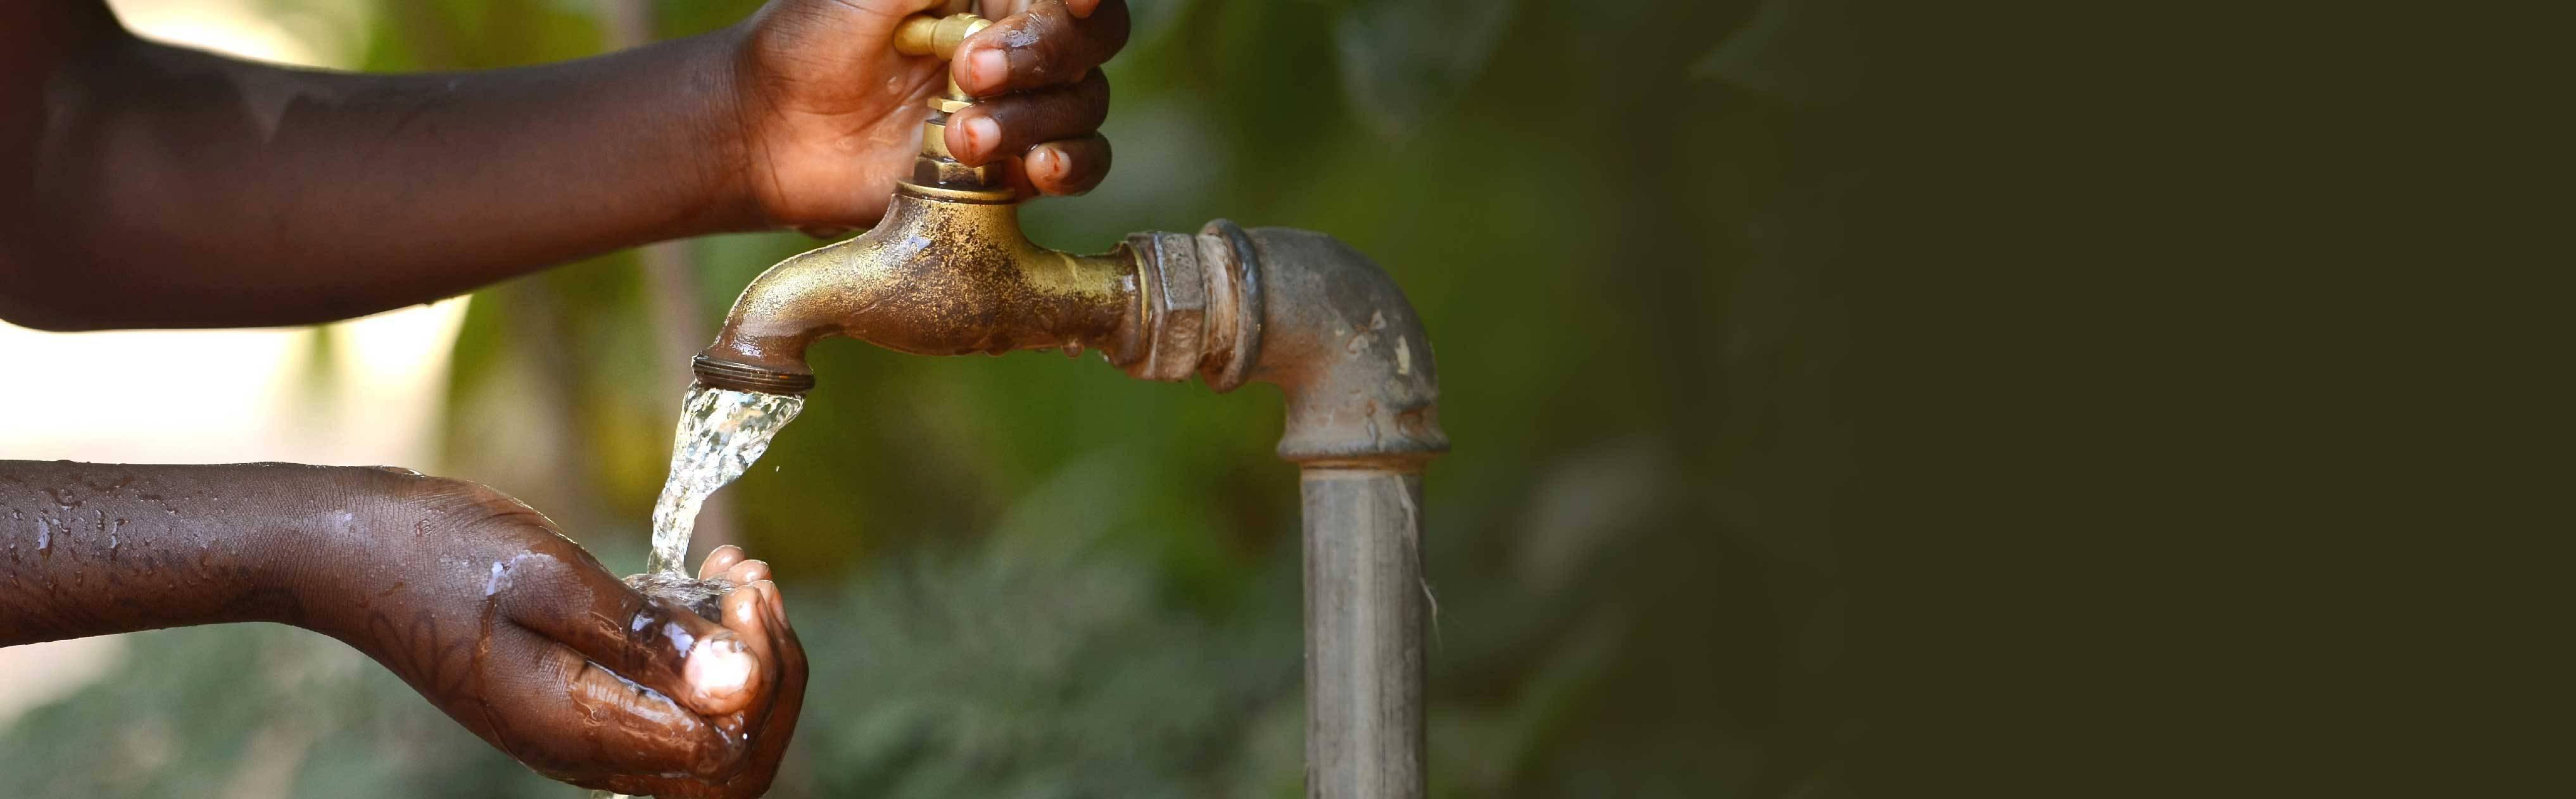 Un produit Oolaboo vendu équivaut à 1 litre d'eau potable propre